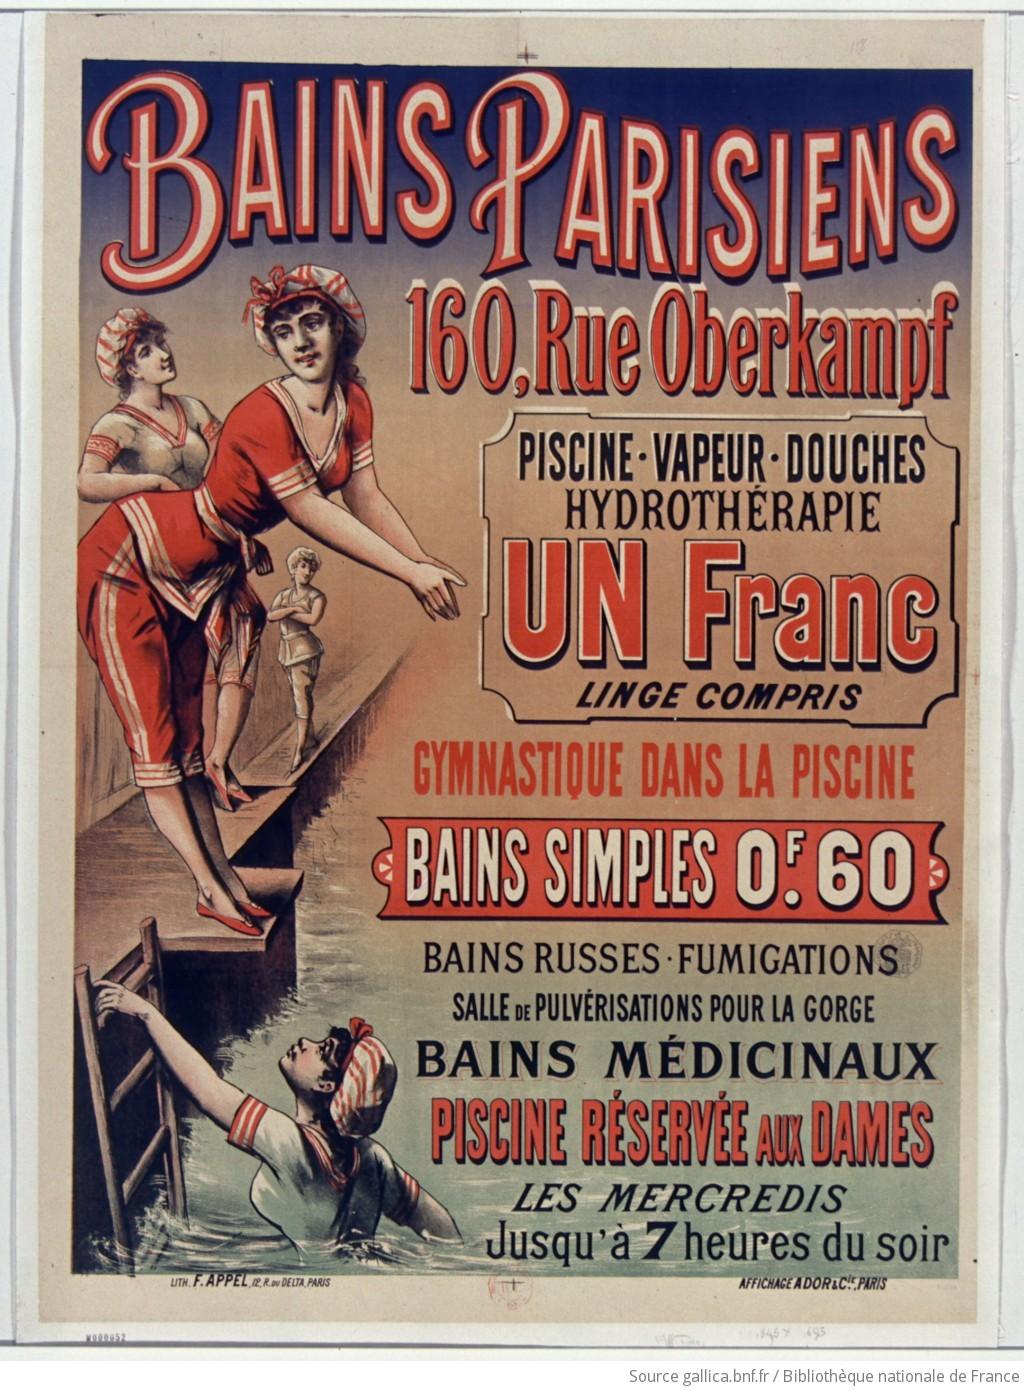 Electricite Salle De Bain Securite ~ bains parisiens 160 rue oberkampf piscine vapeur douches